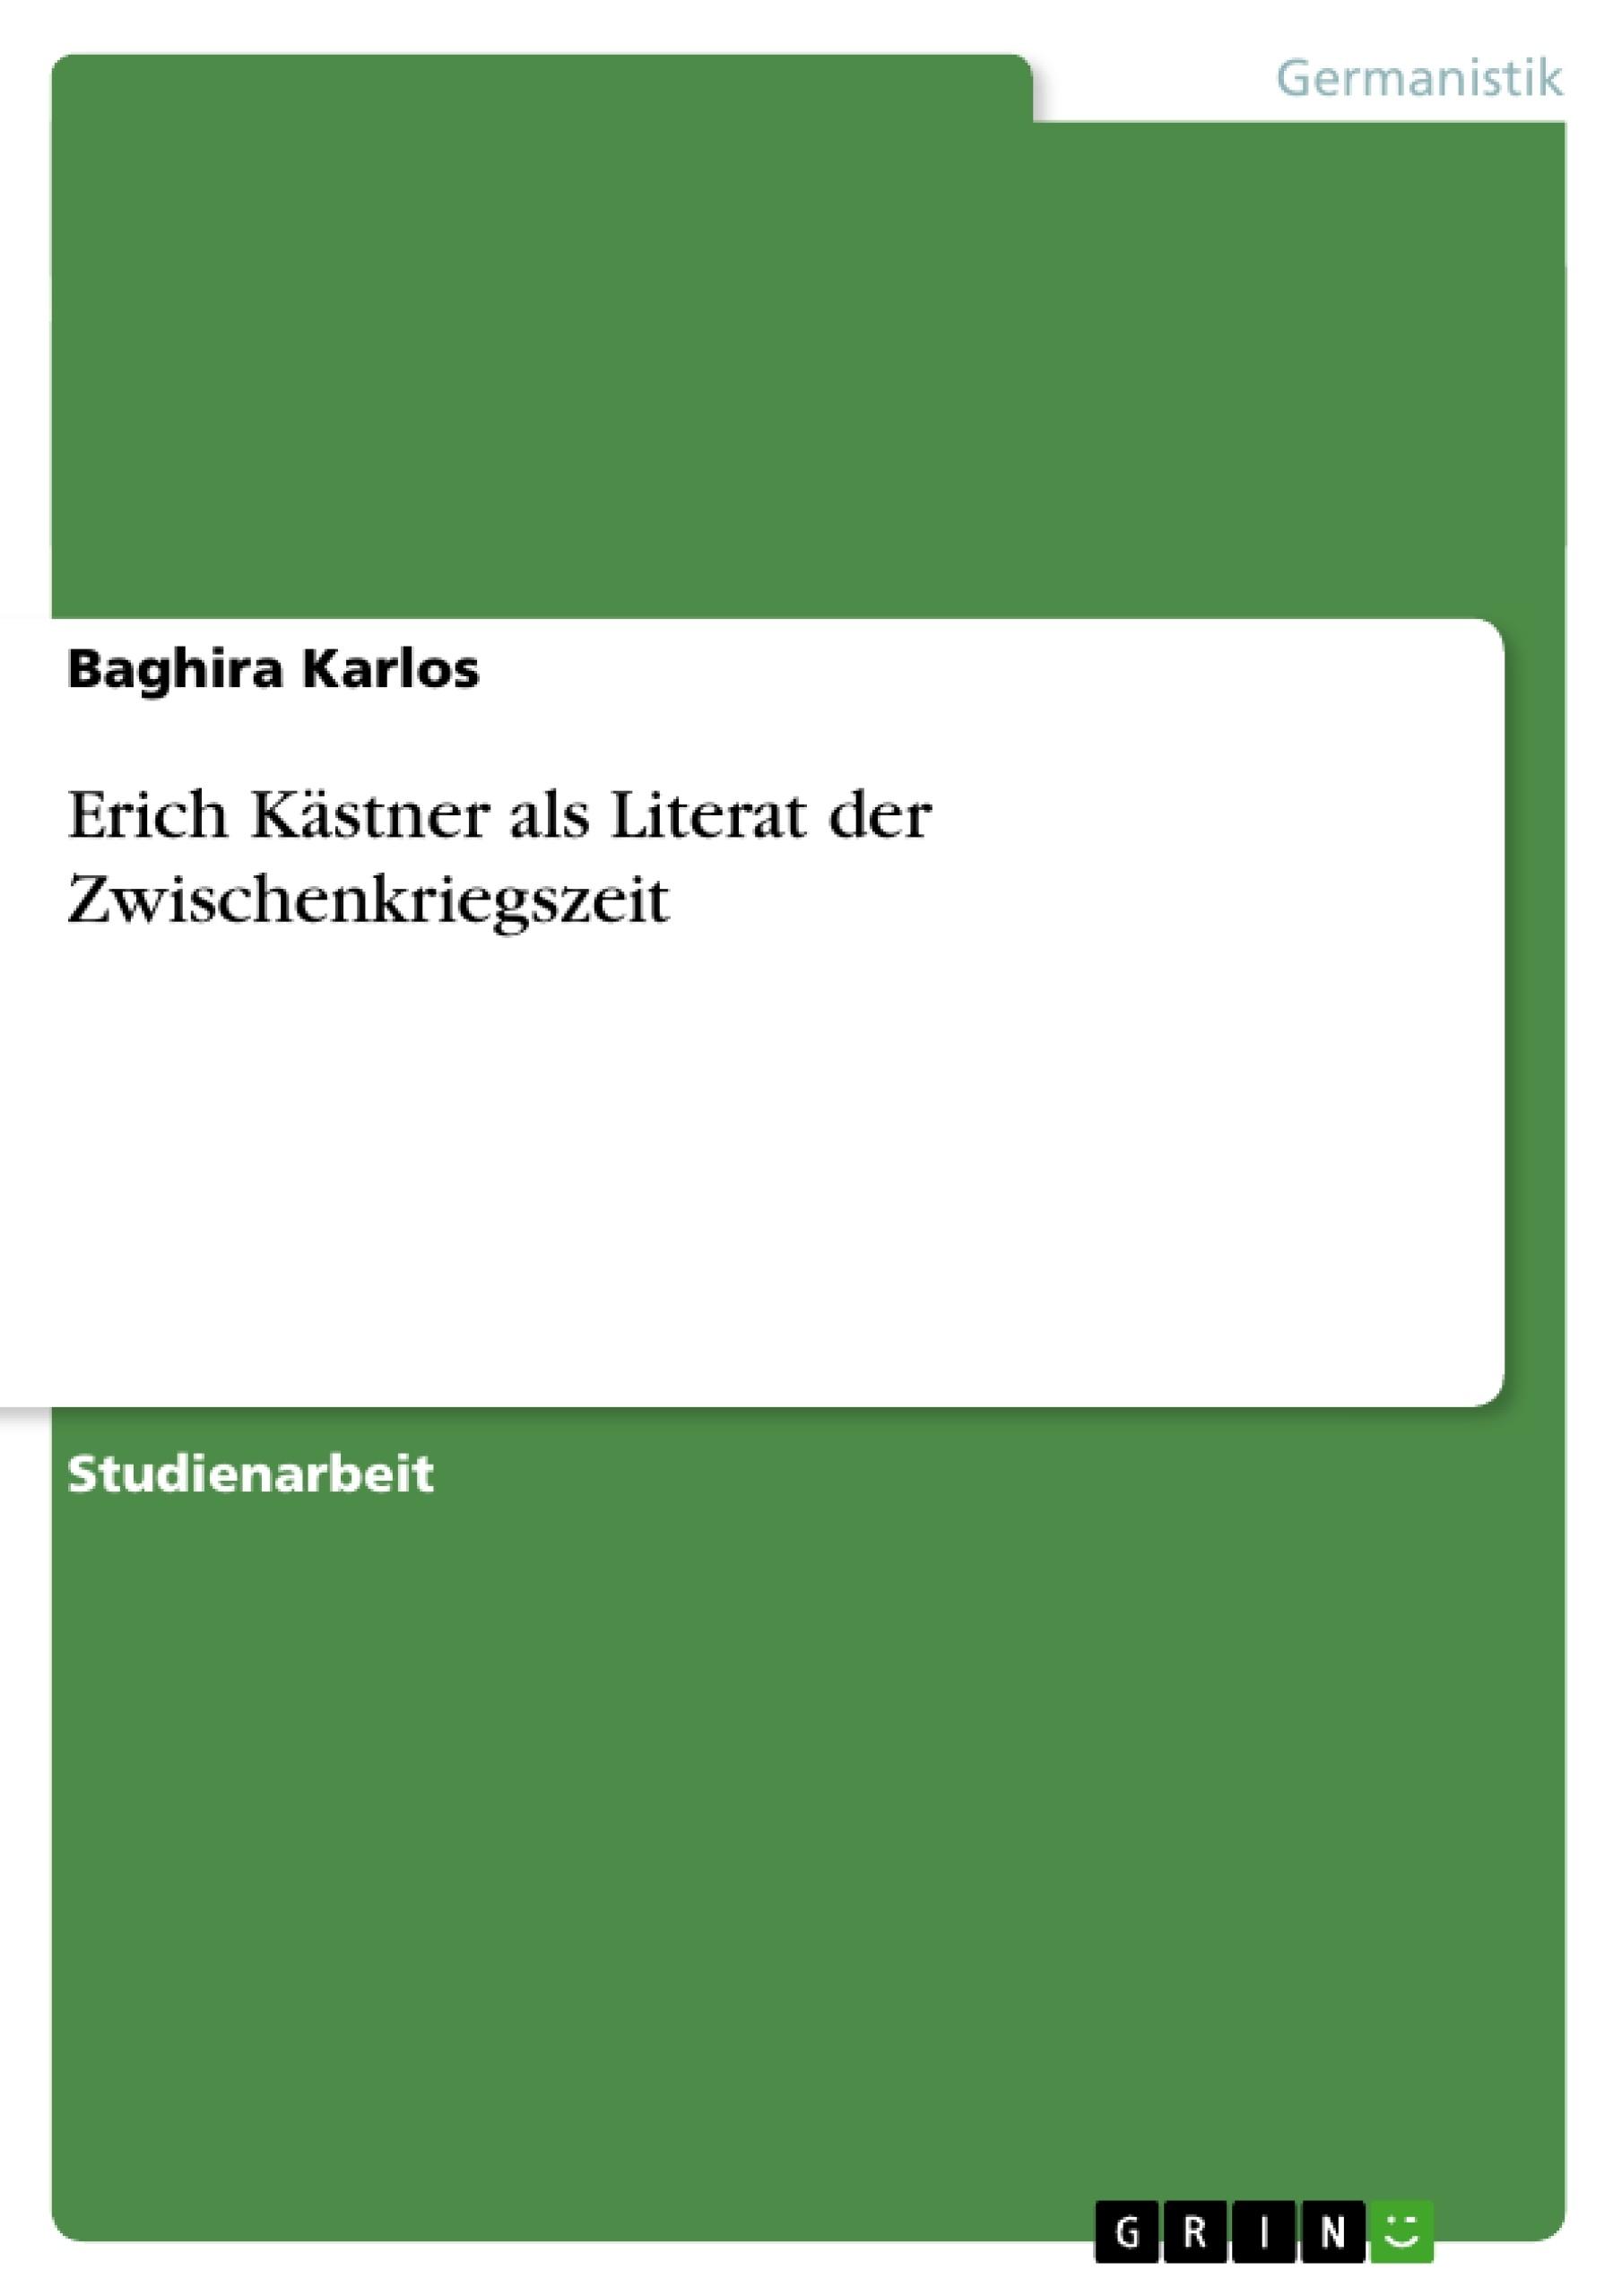 Titel: Erich Kästner als Literat der Zwischenkriegszeit